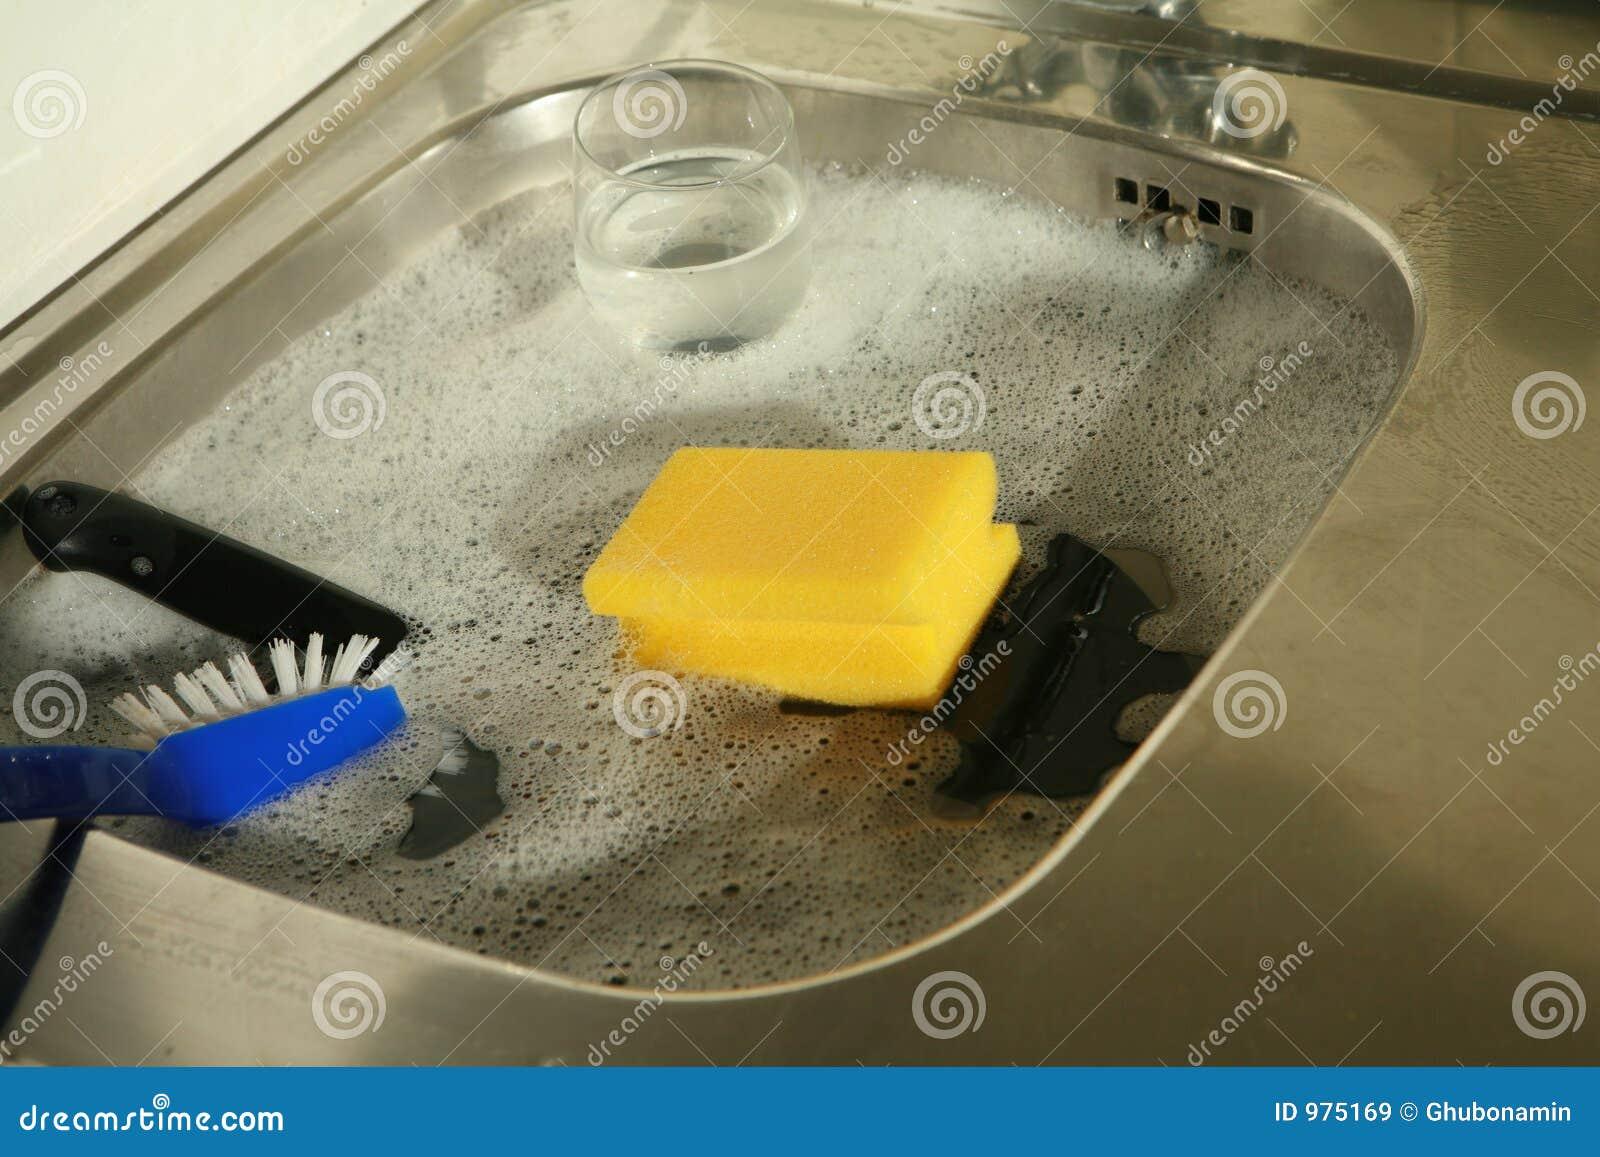 faire la vaisselle image stock image du hygi ne assiette 975169. Black Bedroom Furniture Sets. Home Design Ideas